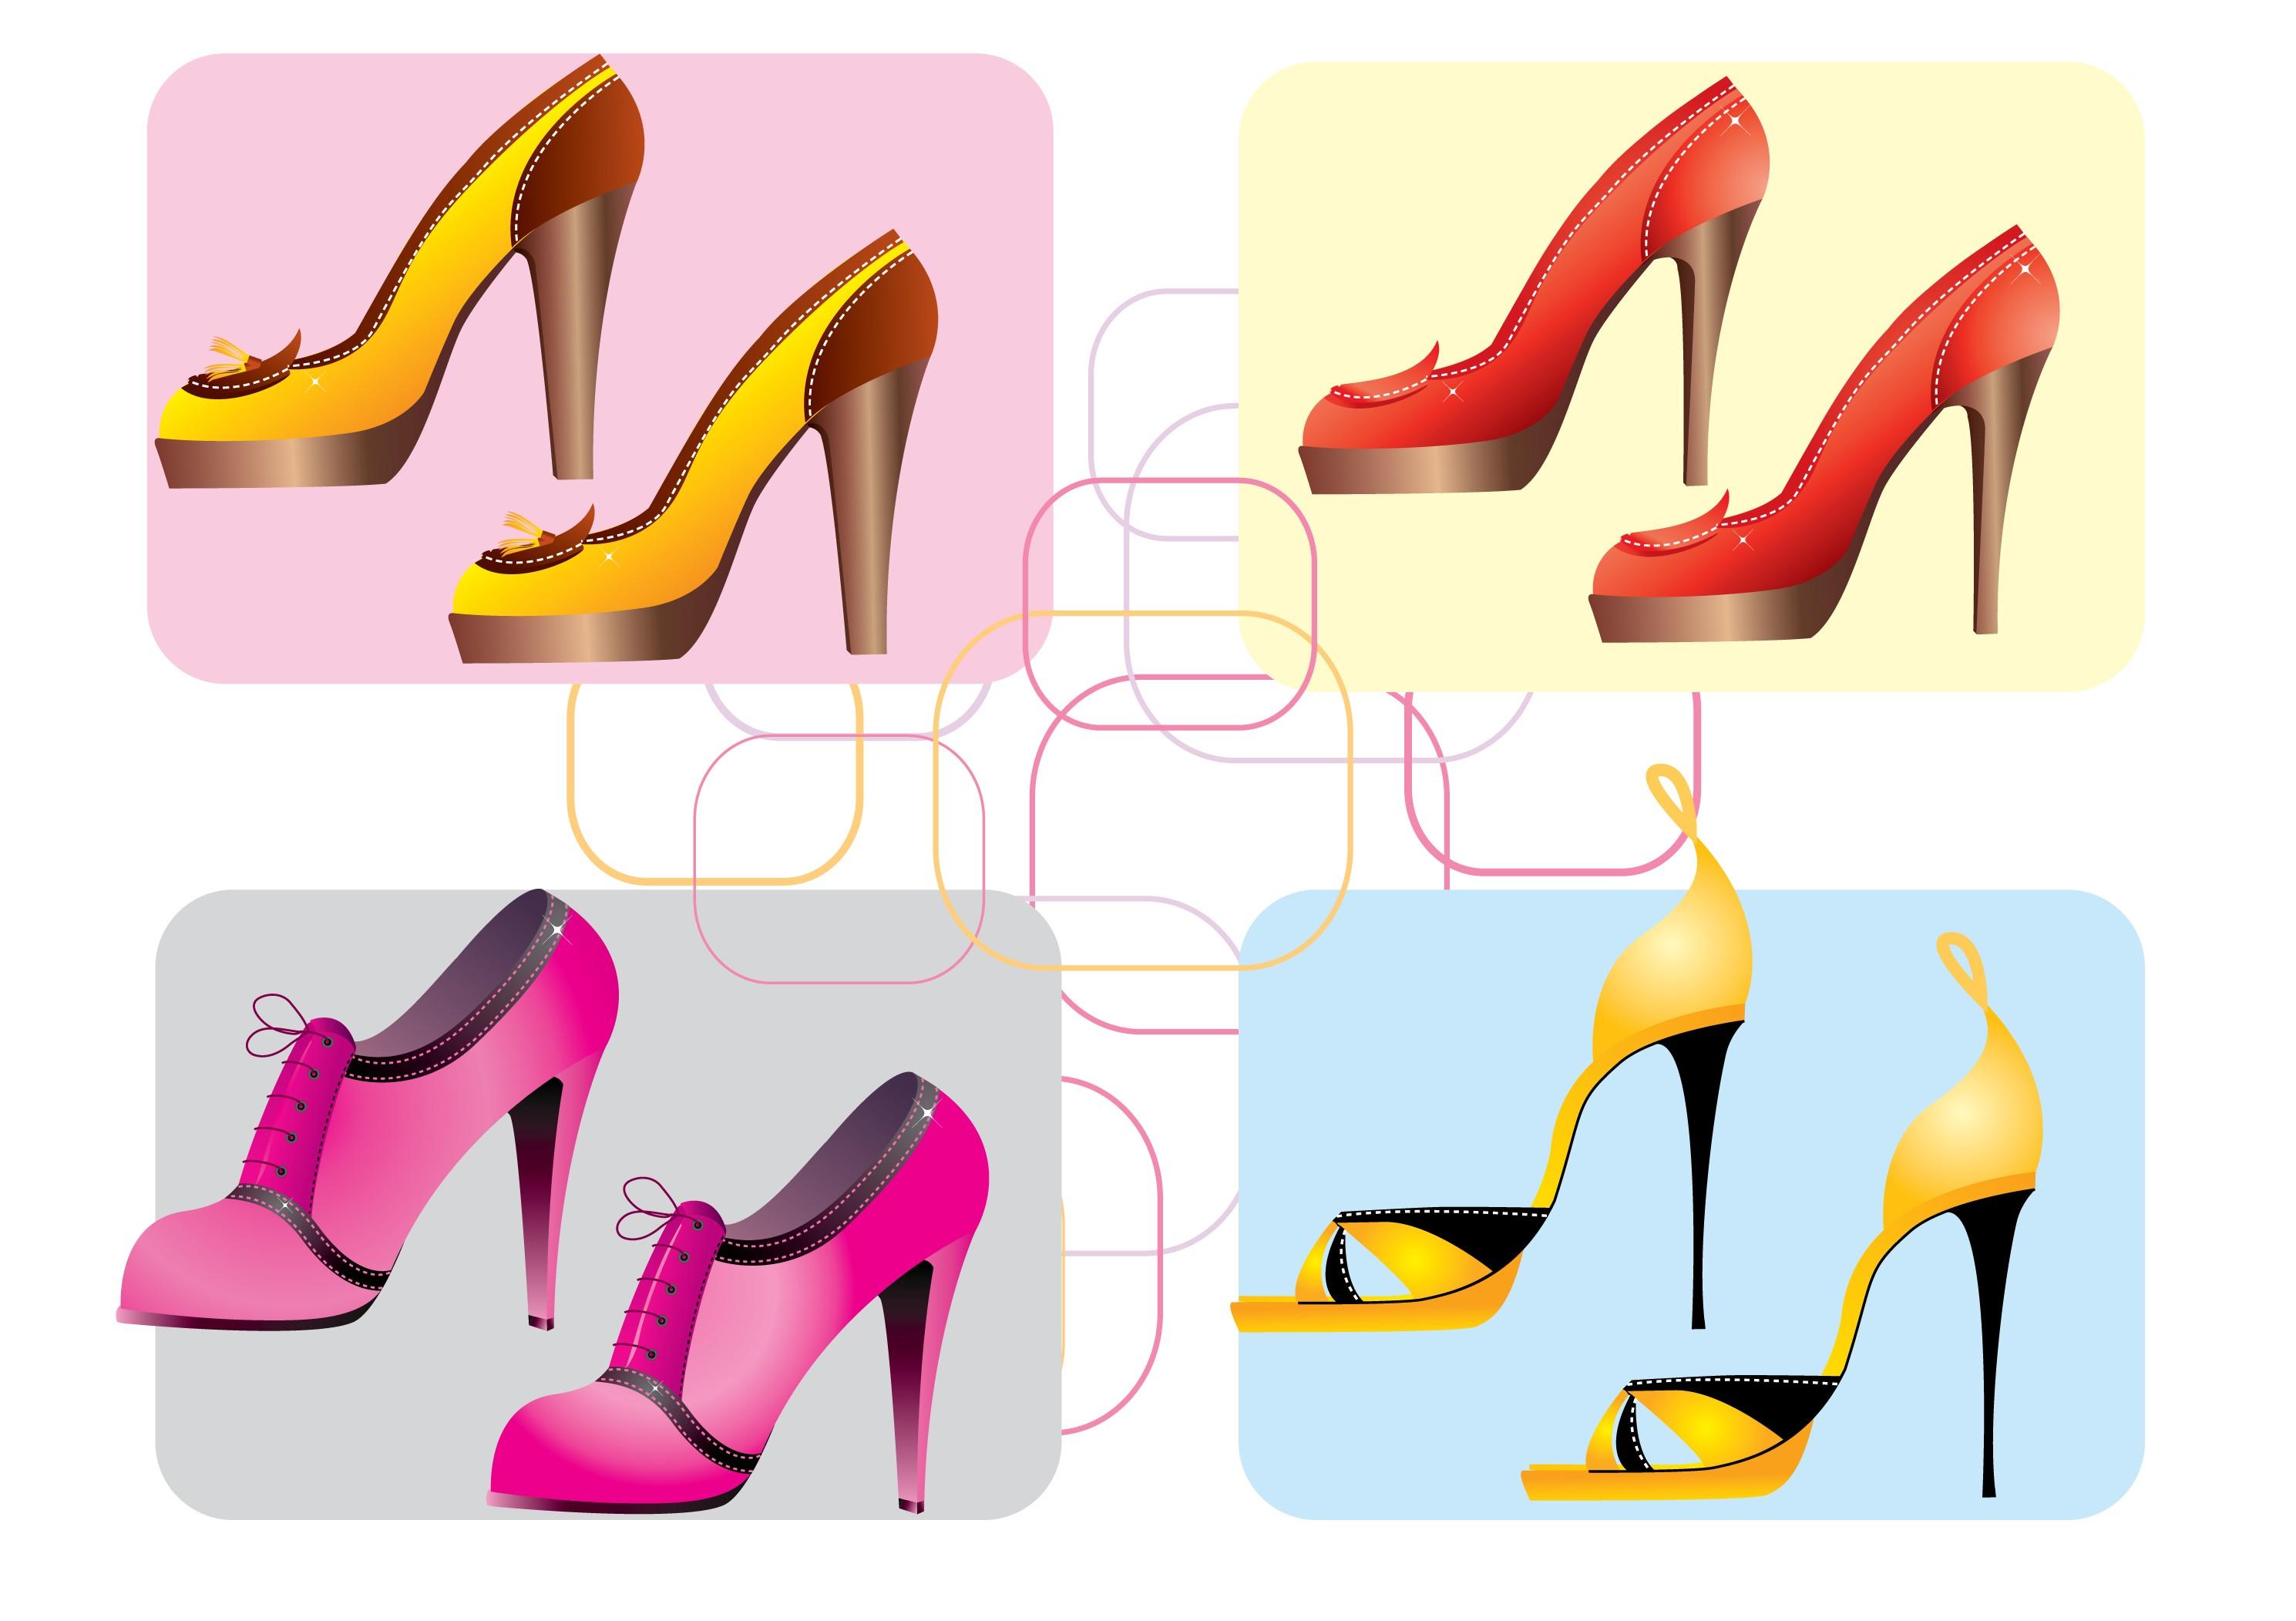 Seso archives vega stiac logiciel caisse certifi nf525 for Salon de la chaussure